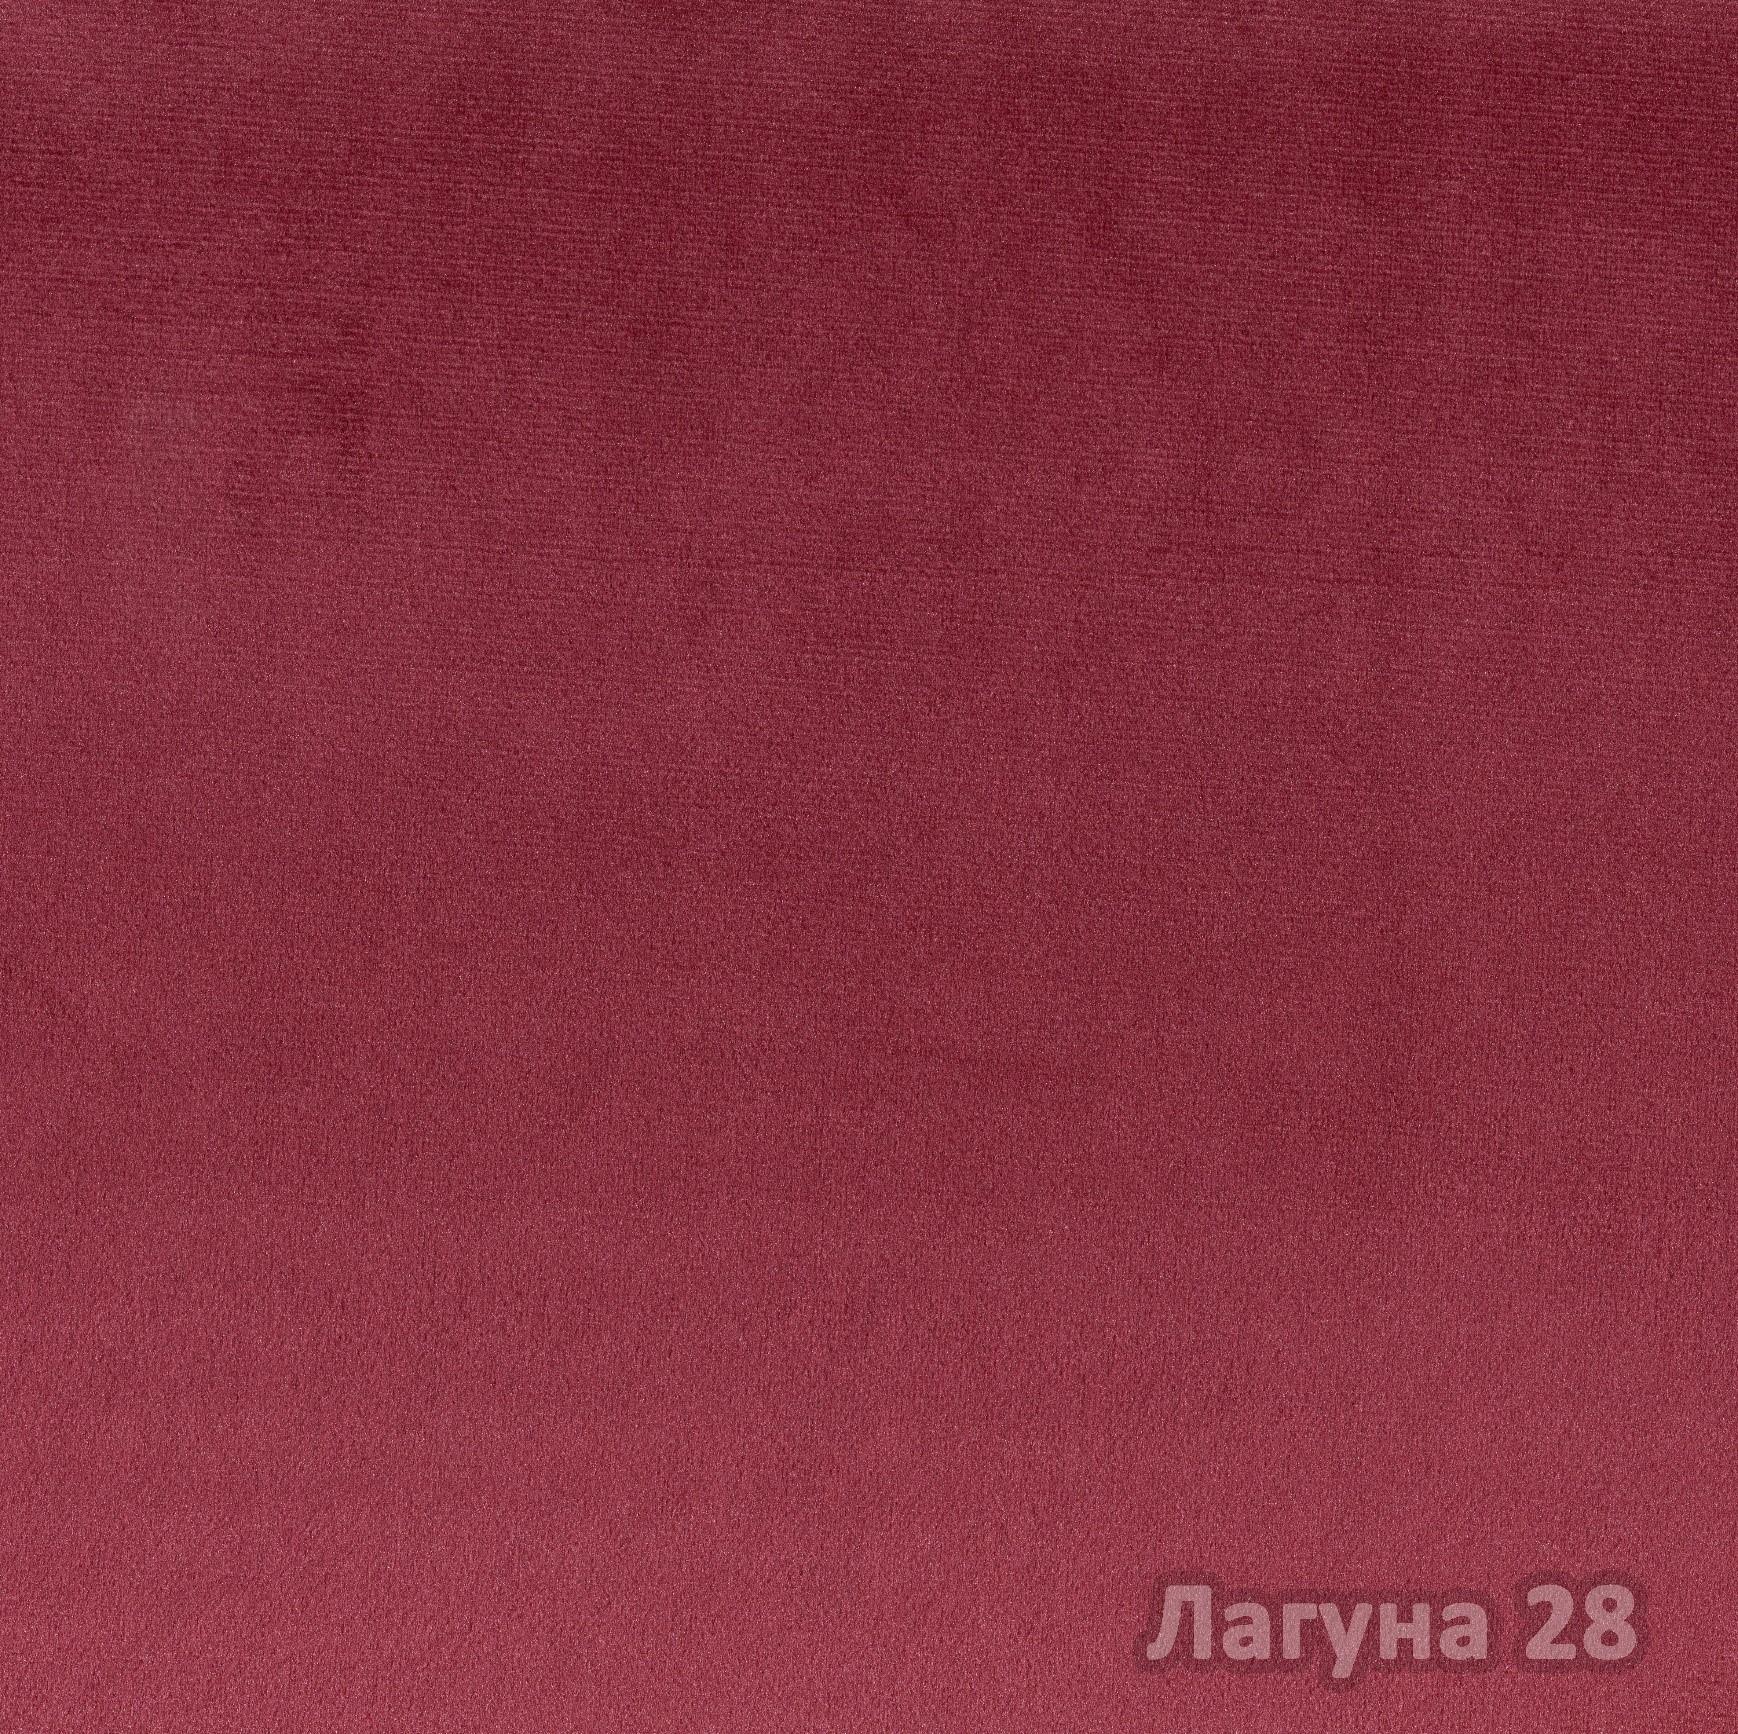 Коллекция ткани Лагуна 28,  купить ткань Велюр для мебели Украина